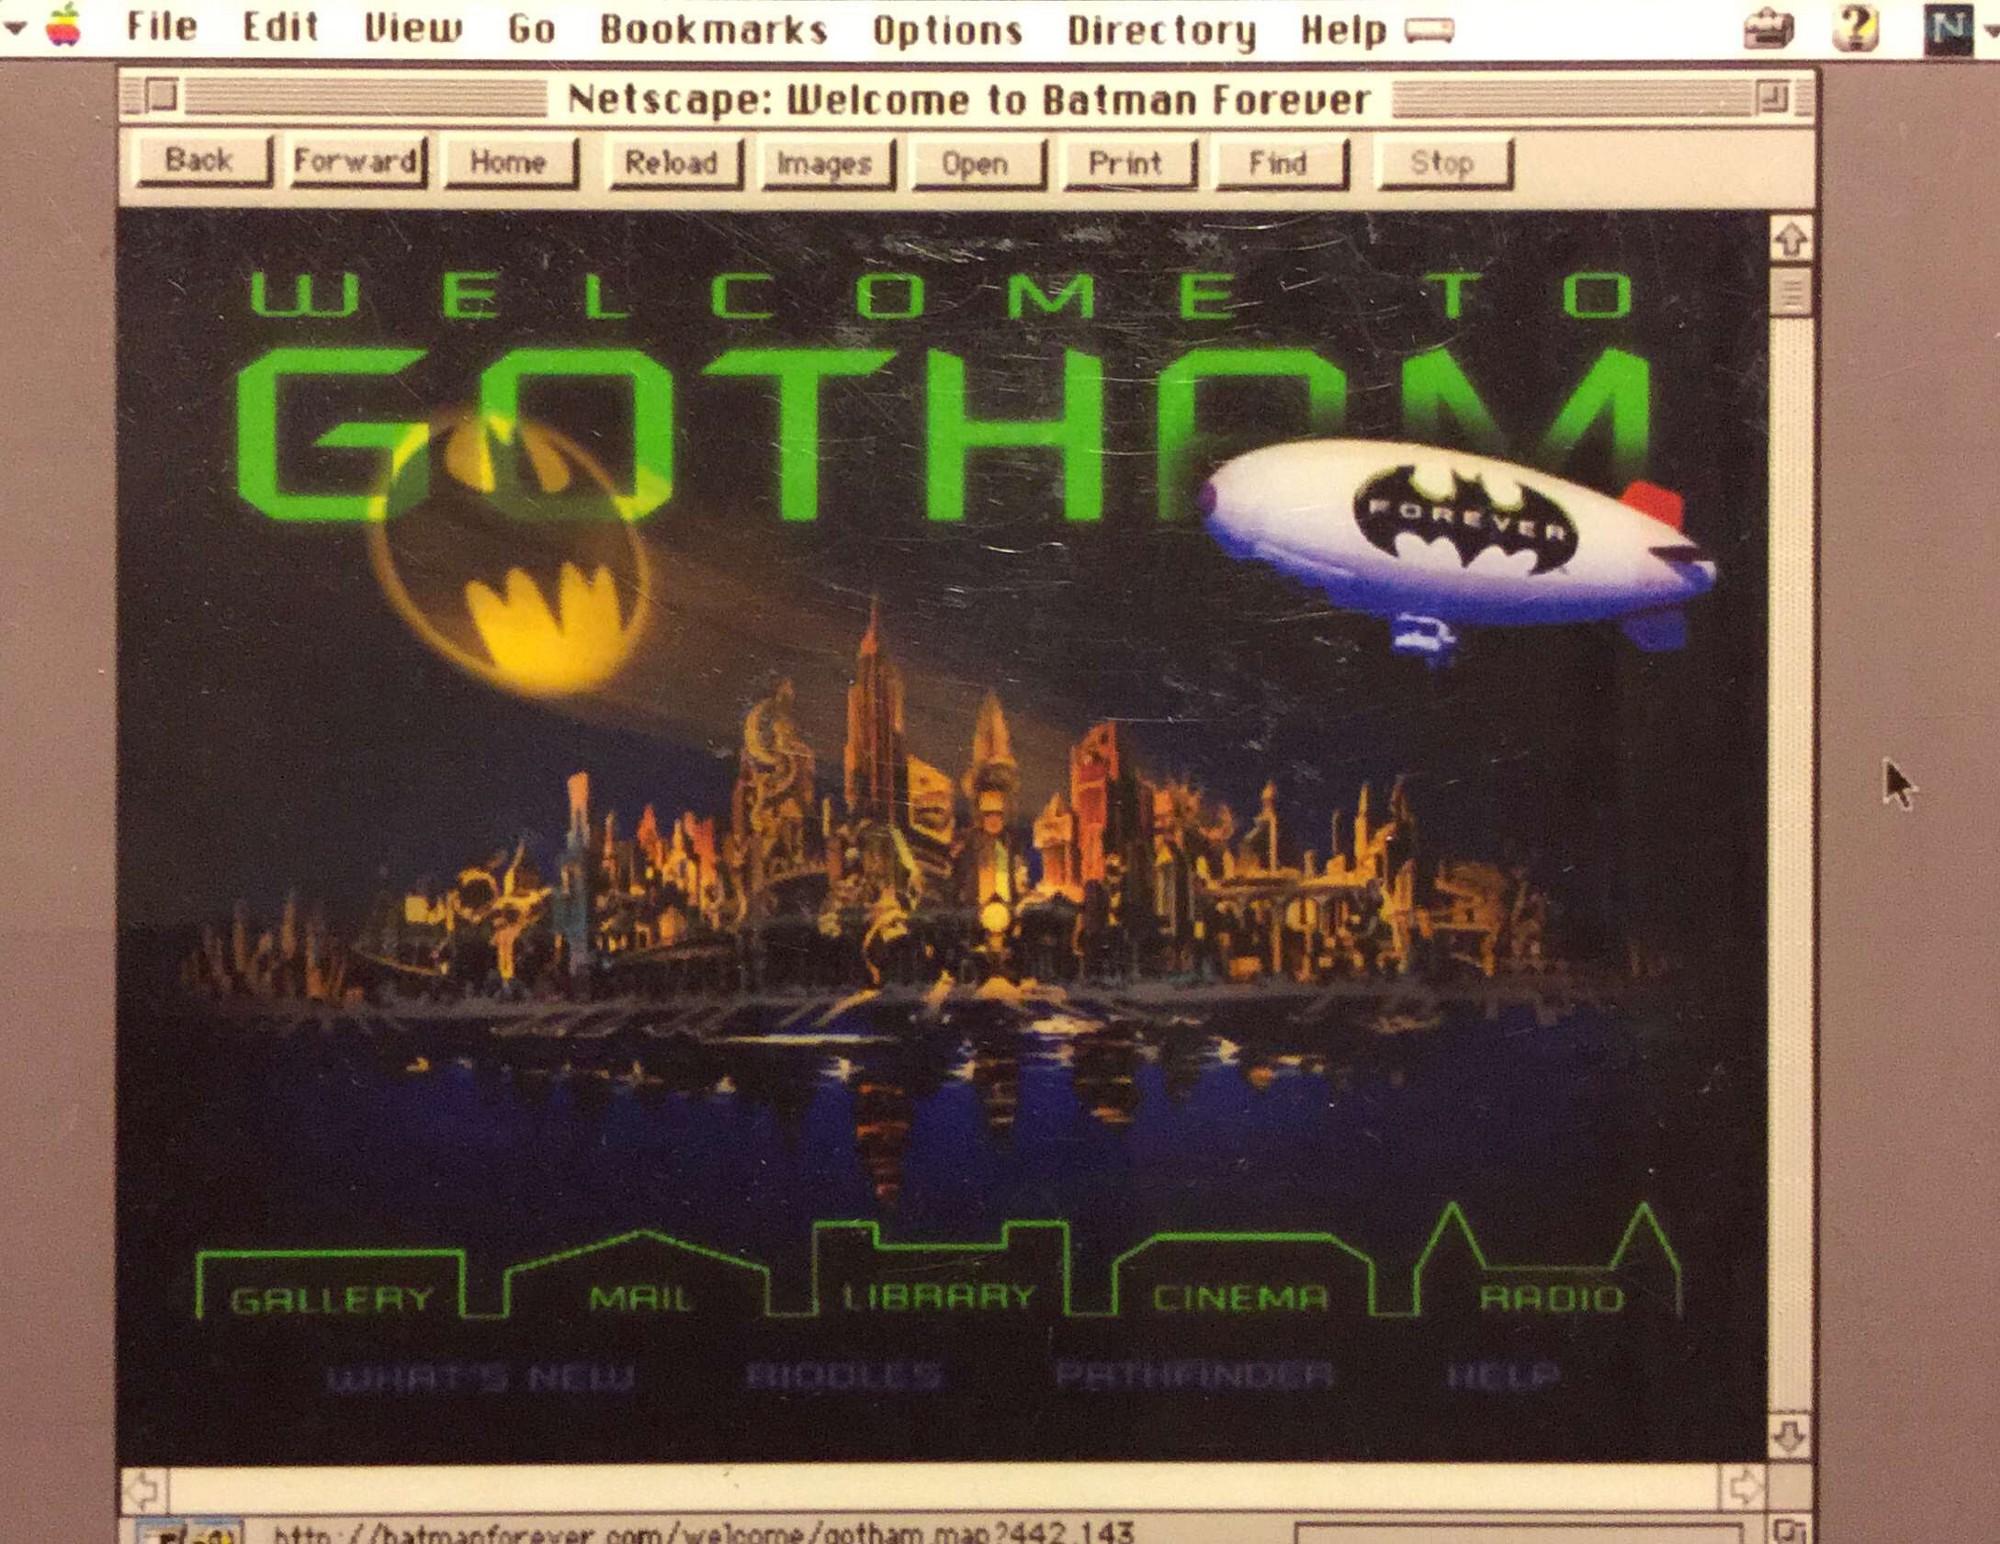 web de Batman Forever de Jeffrey Zeldman